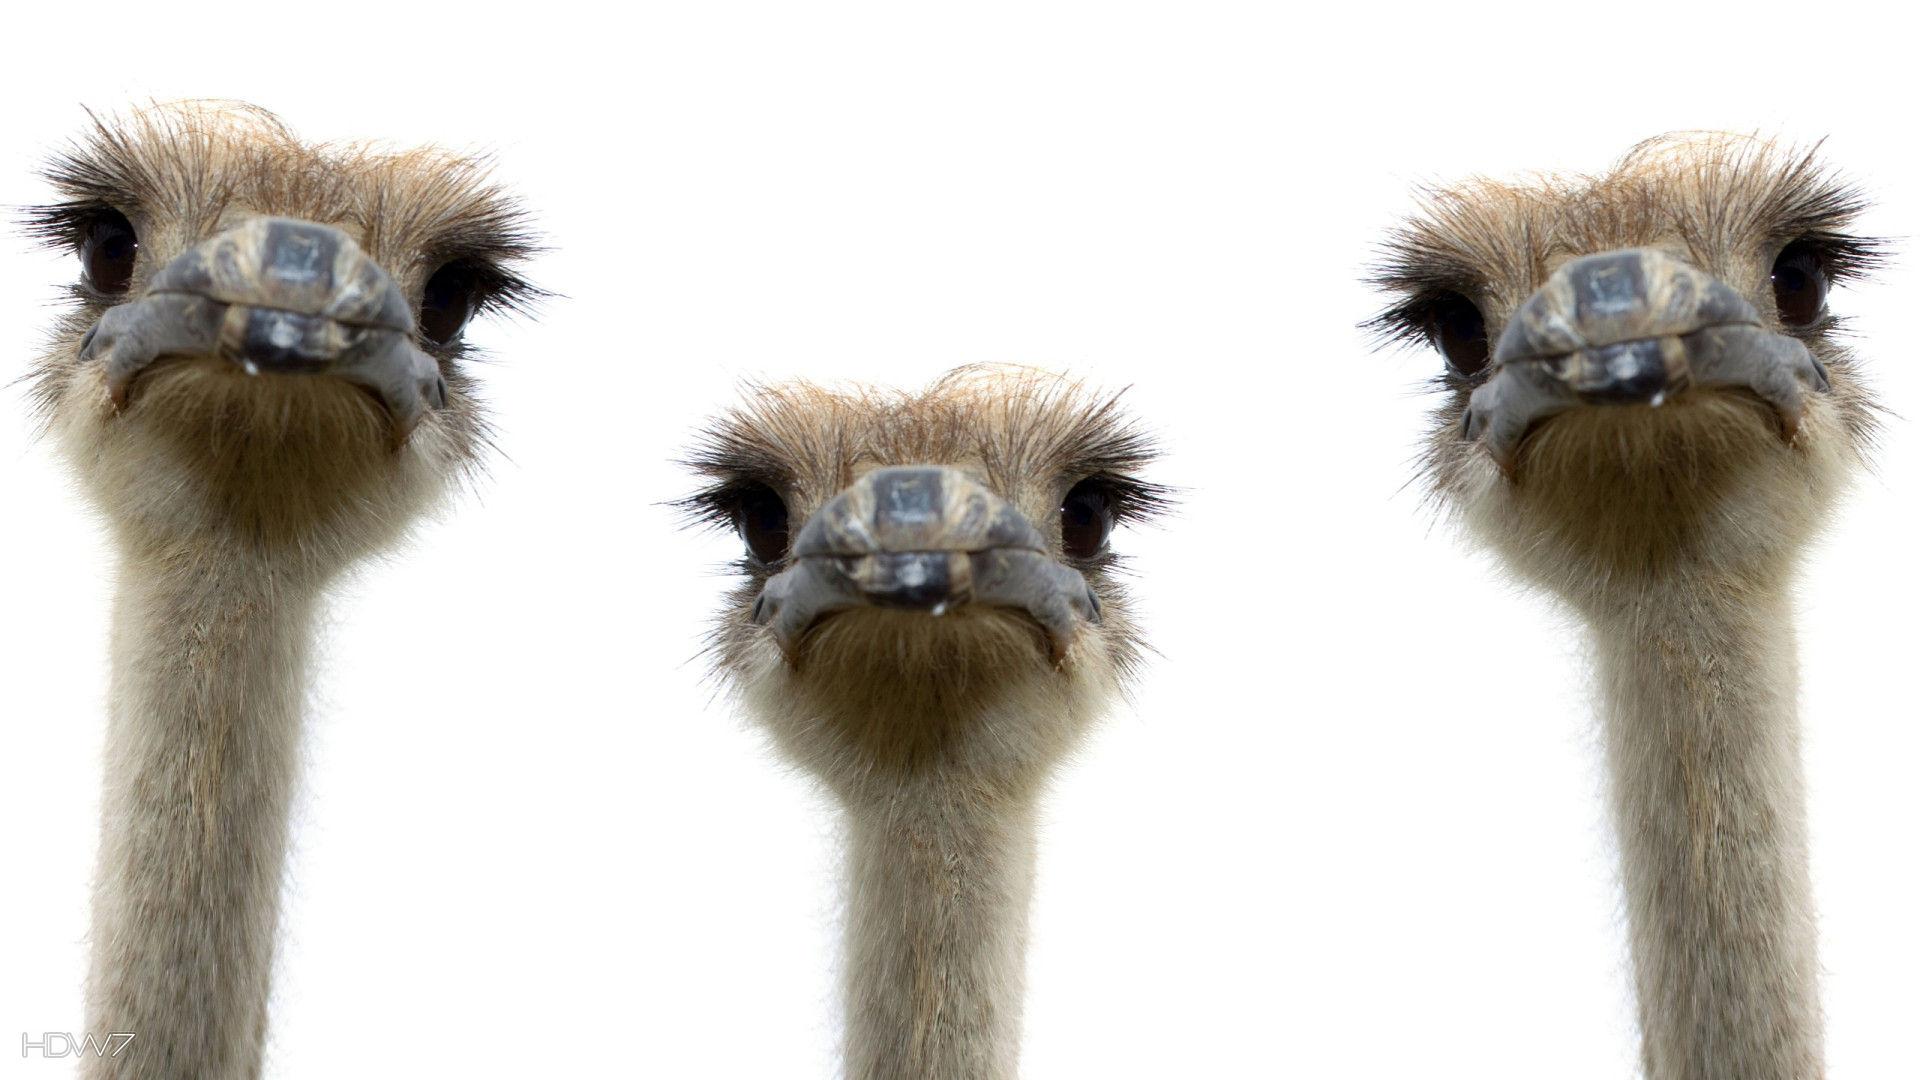 ostrich-bird-three-funny-ostriches